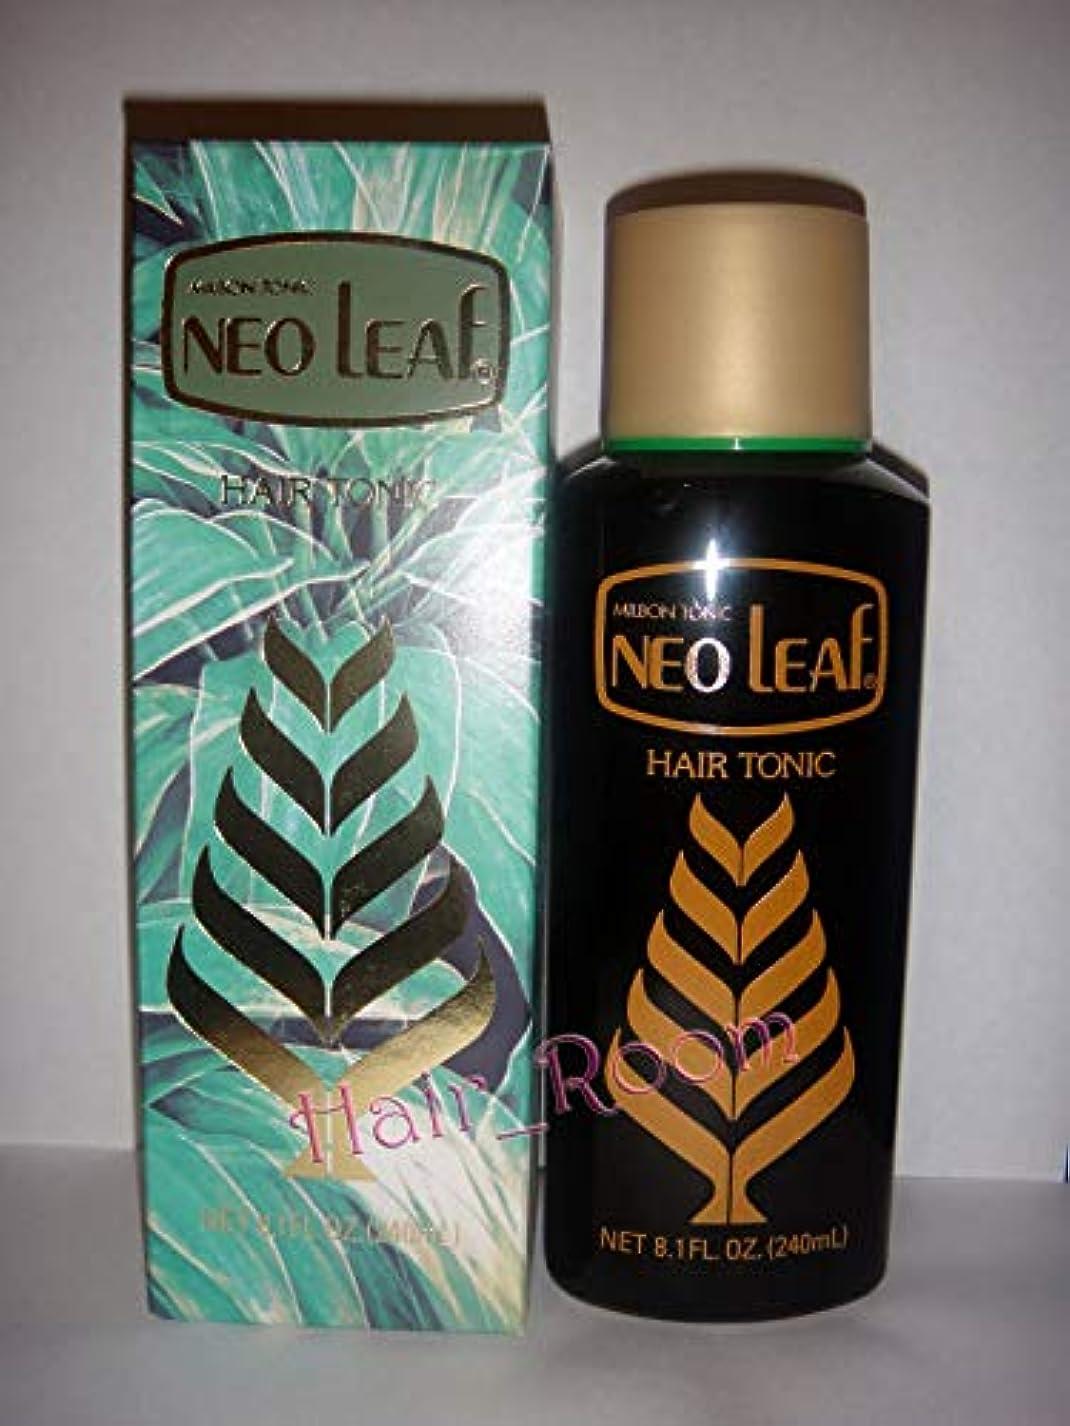 液体起こる機会Neo Leaf ミルボントニックヘアトニック240ミリリットル日本 - ハーブ抽出成分が毛根に栄養を与えます